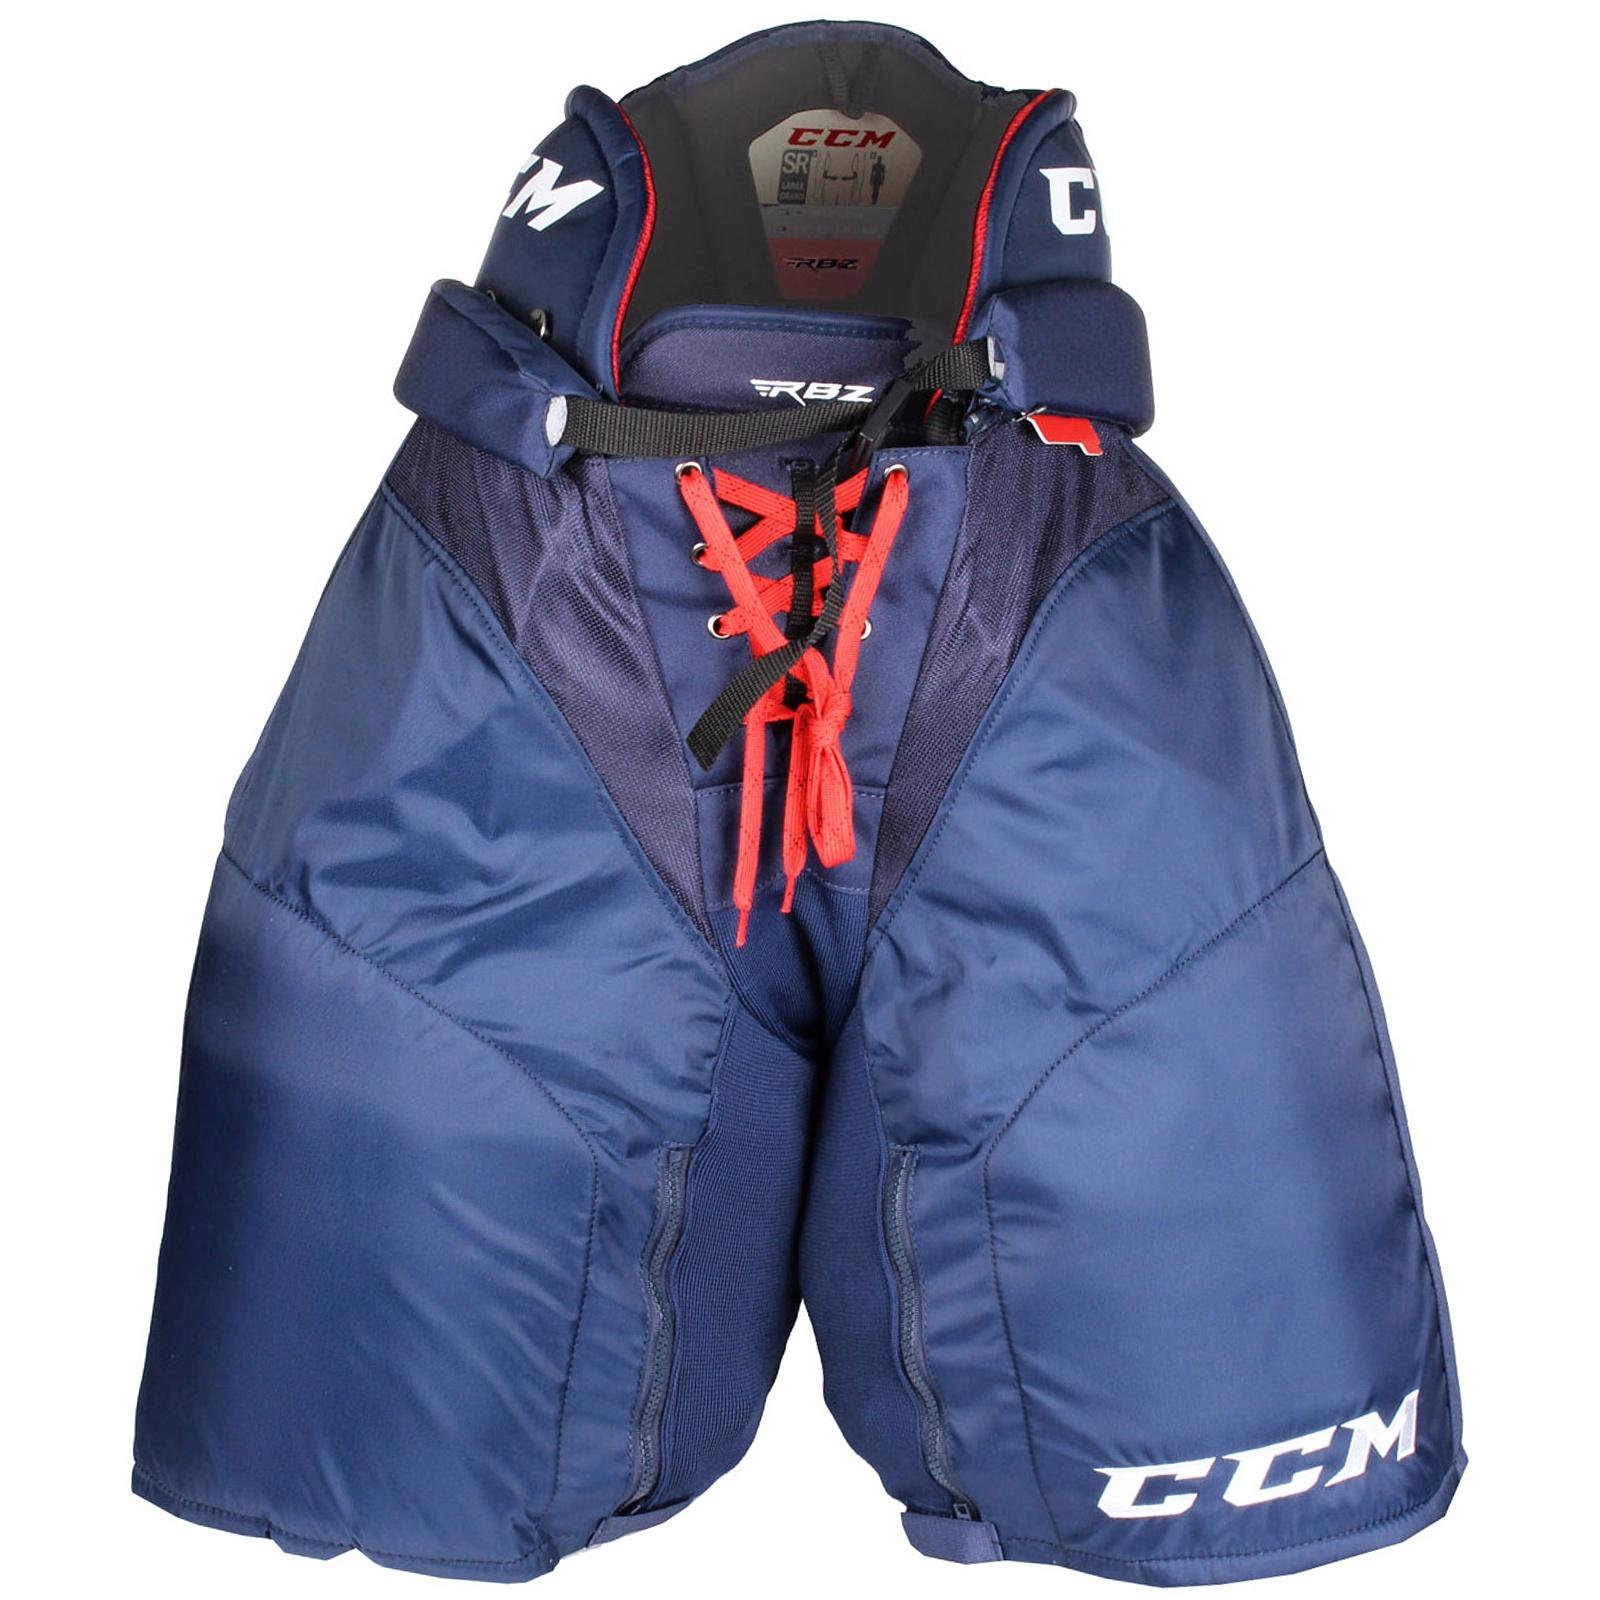 Kalhoty hráčské CCM RBZ 130 senior navy modré - vel. XL